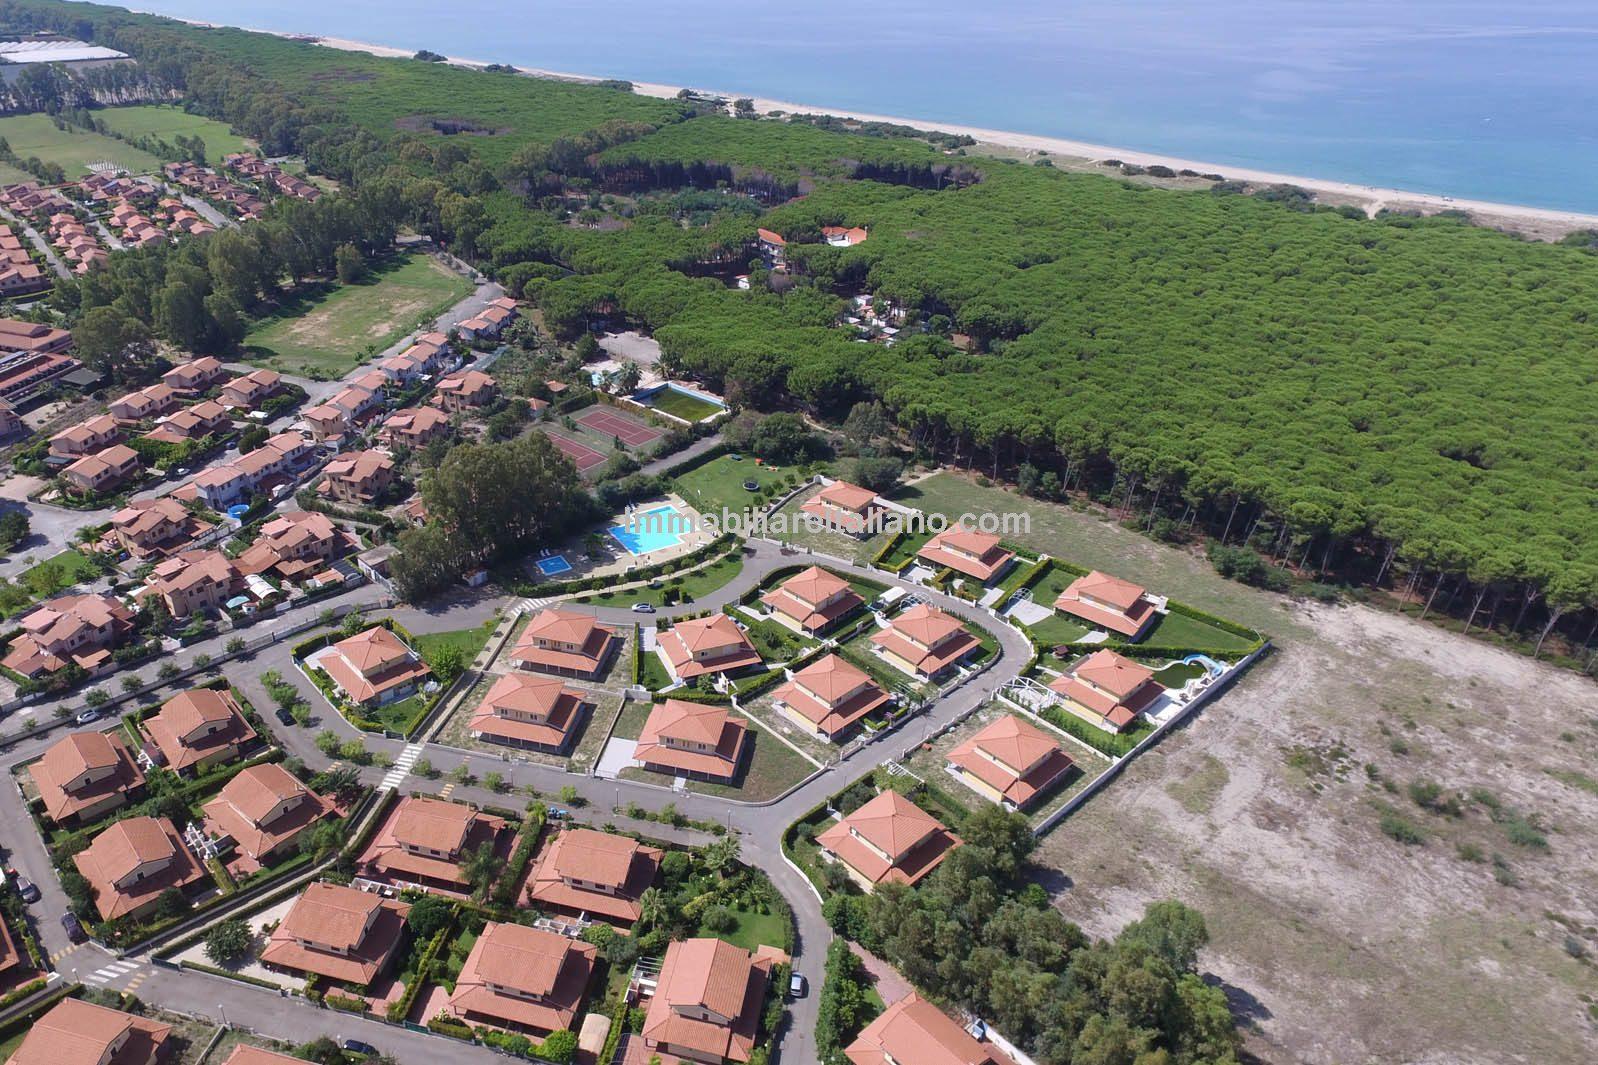 Villas for sale in Calabria